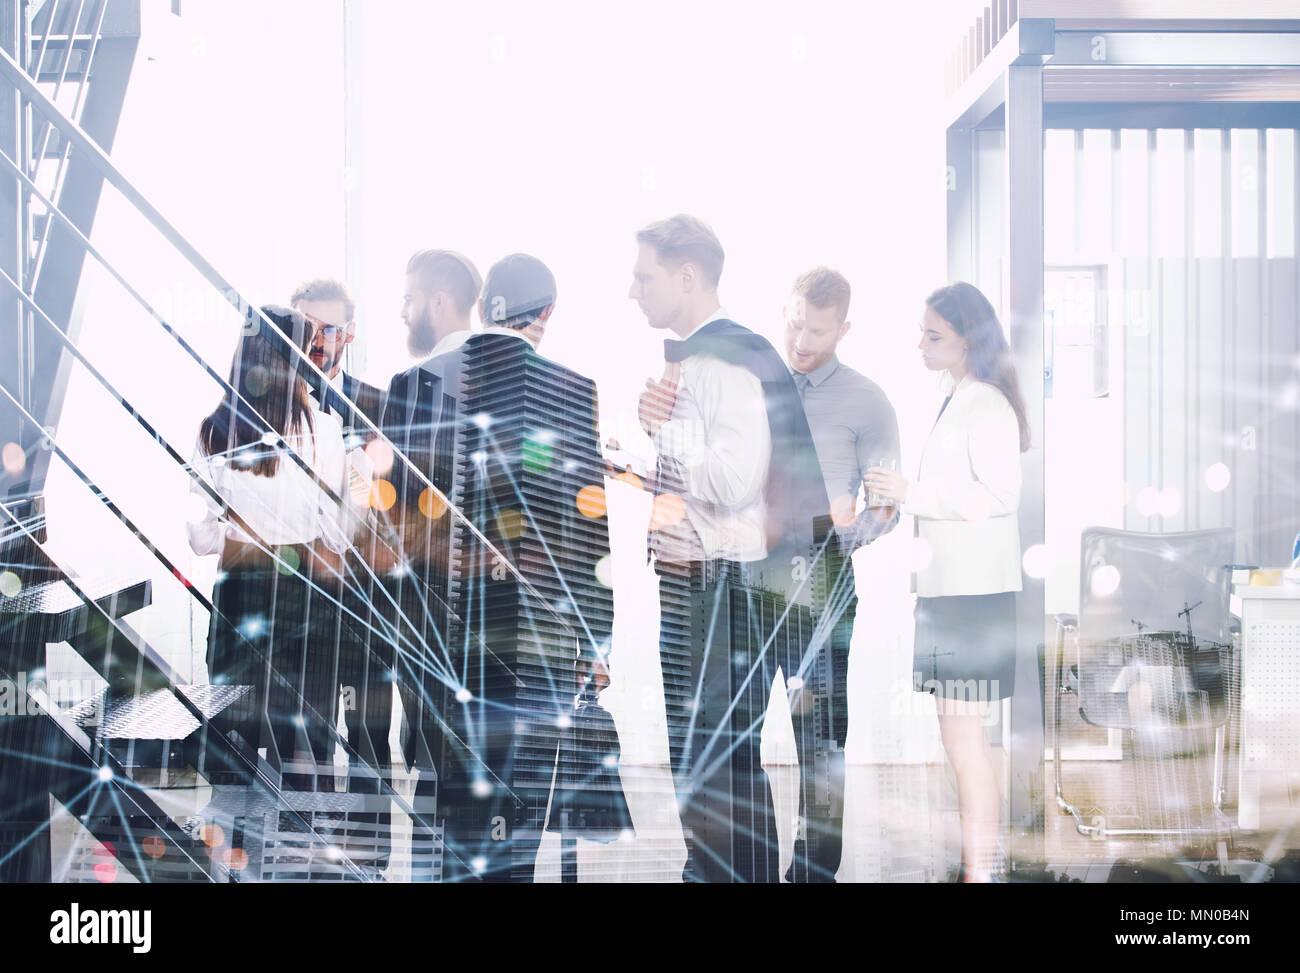 Gente de negocios trabajando juntos en la oficina con internet efectos de la red. Concepto de trabajo en equipo y colaboración con doble exposición. Imagen De Stock